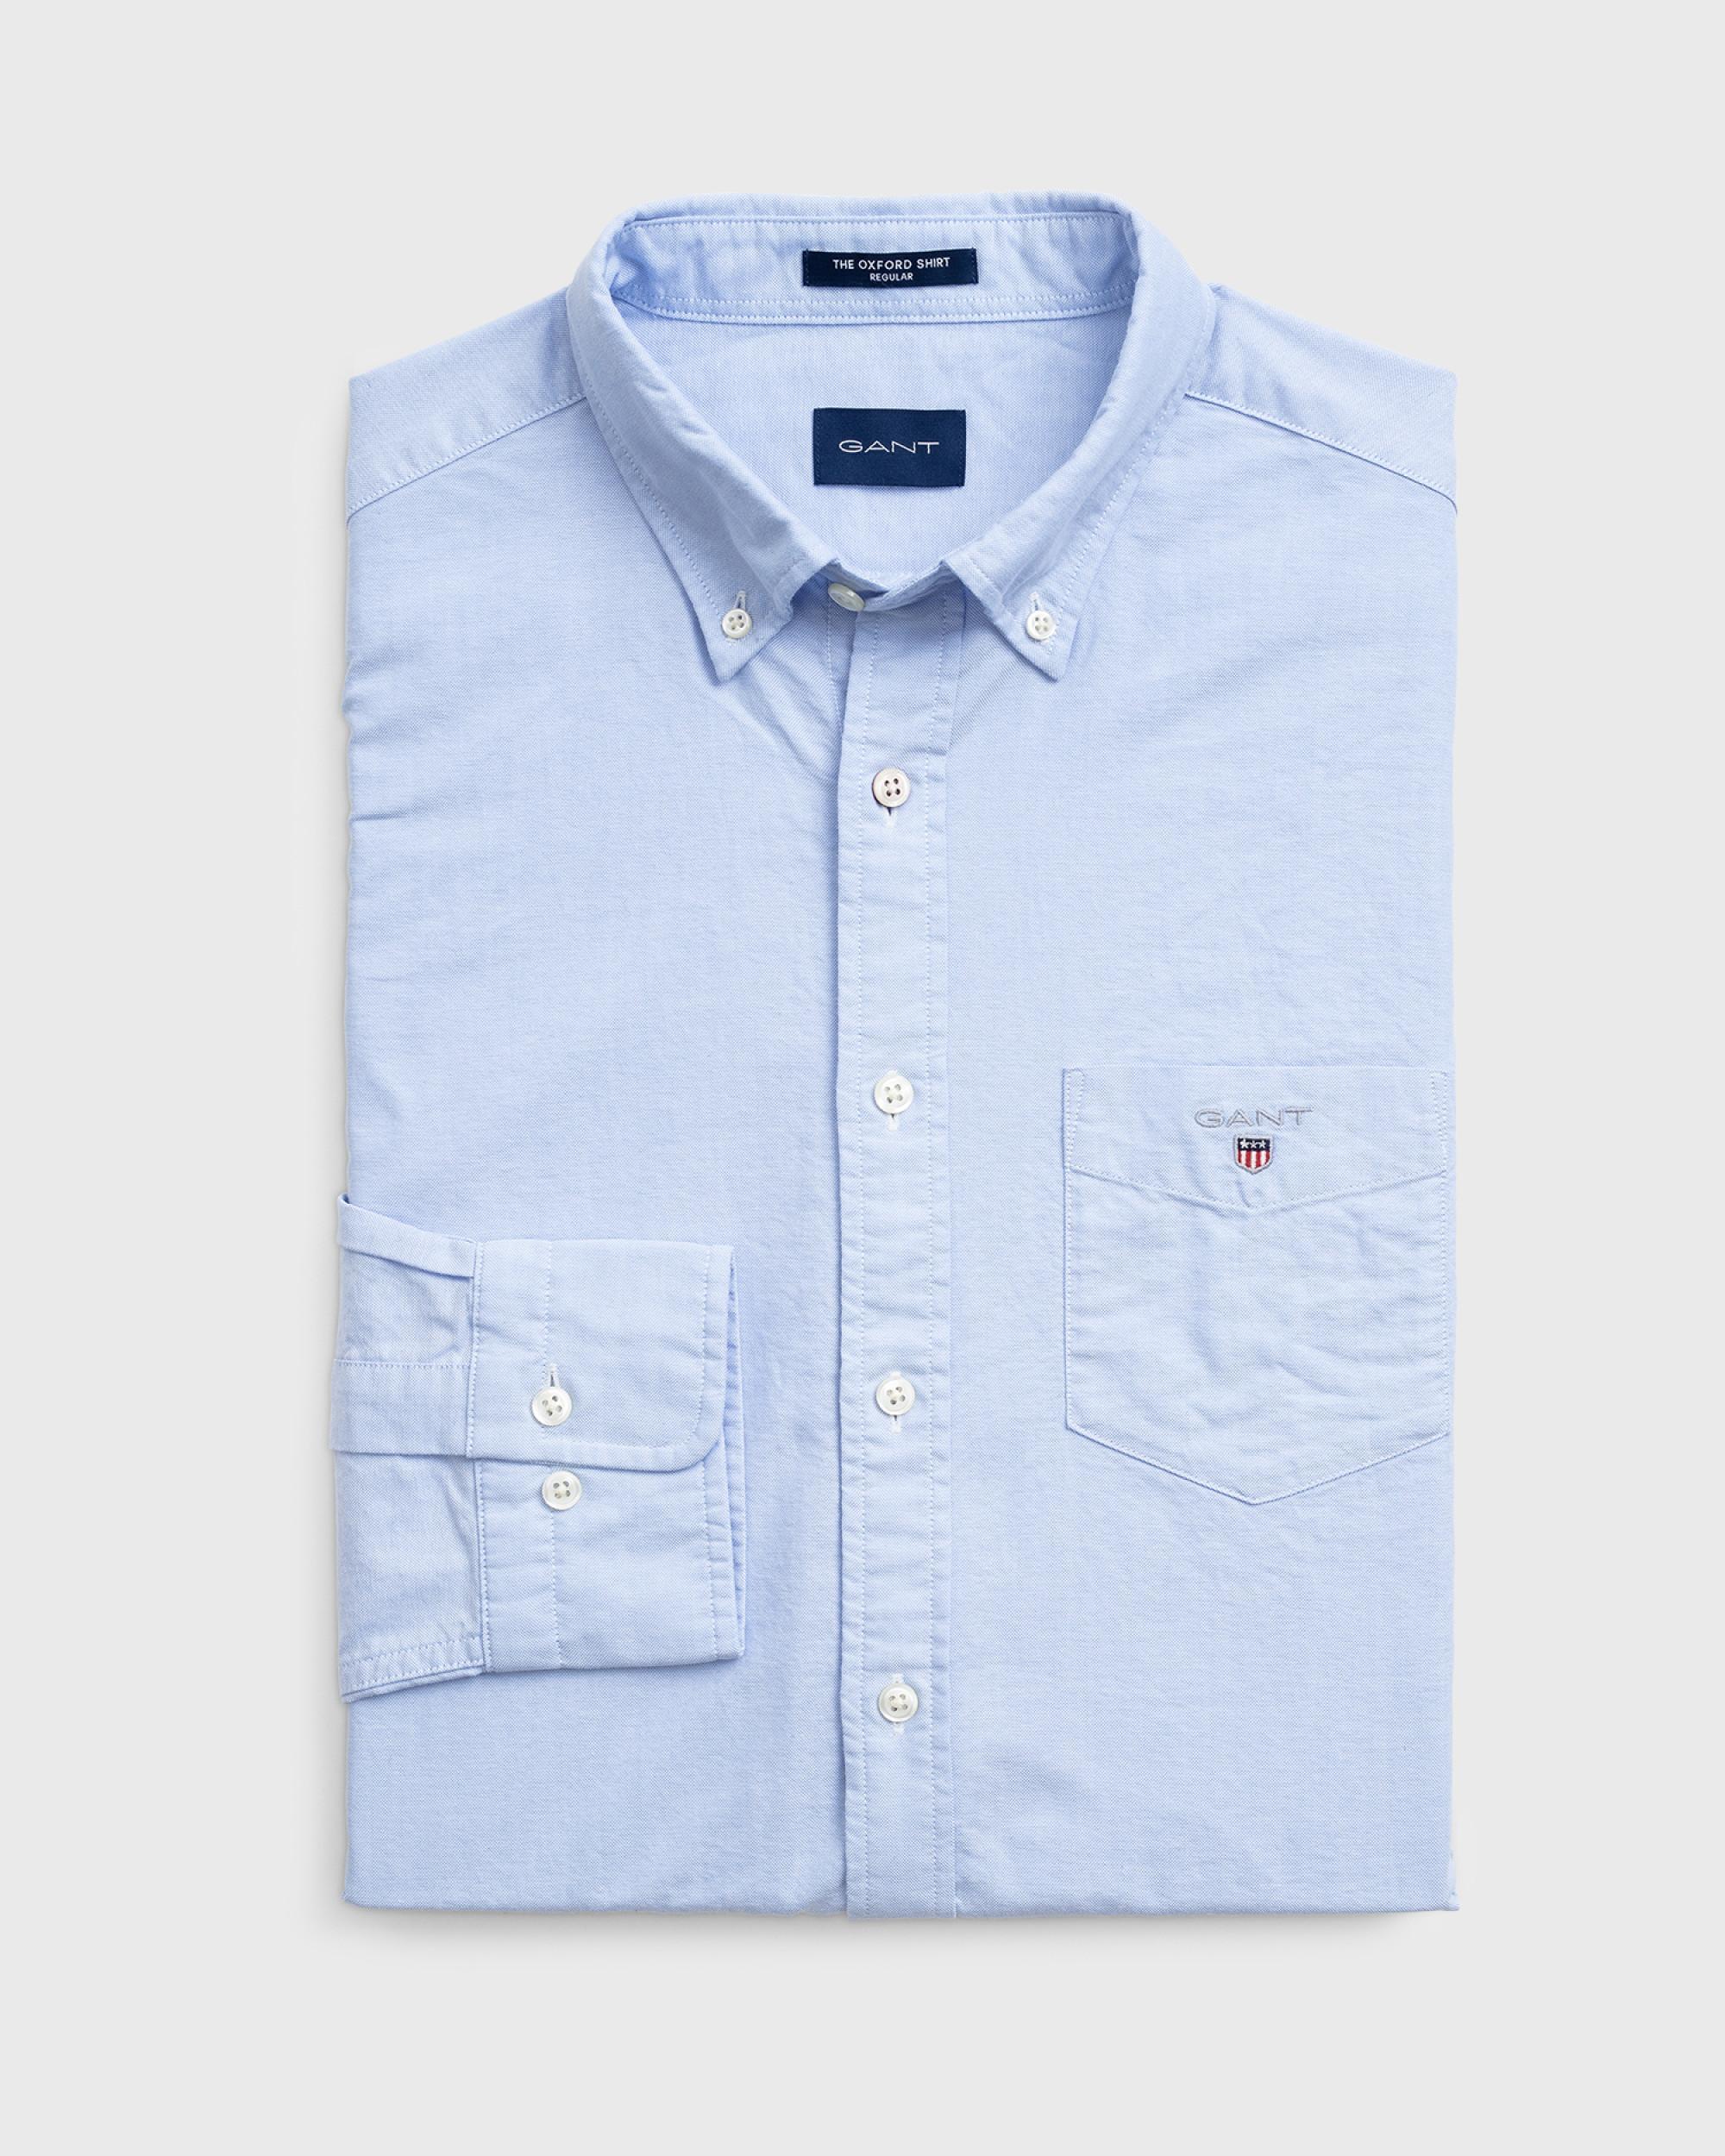 GANT Cotton Regular Fit Oxford Shirt in Blue for Men - Save 6%